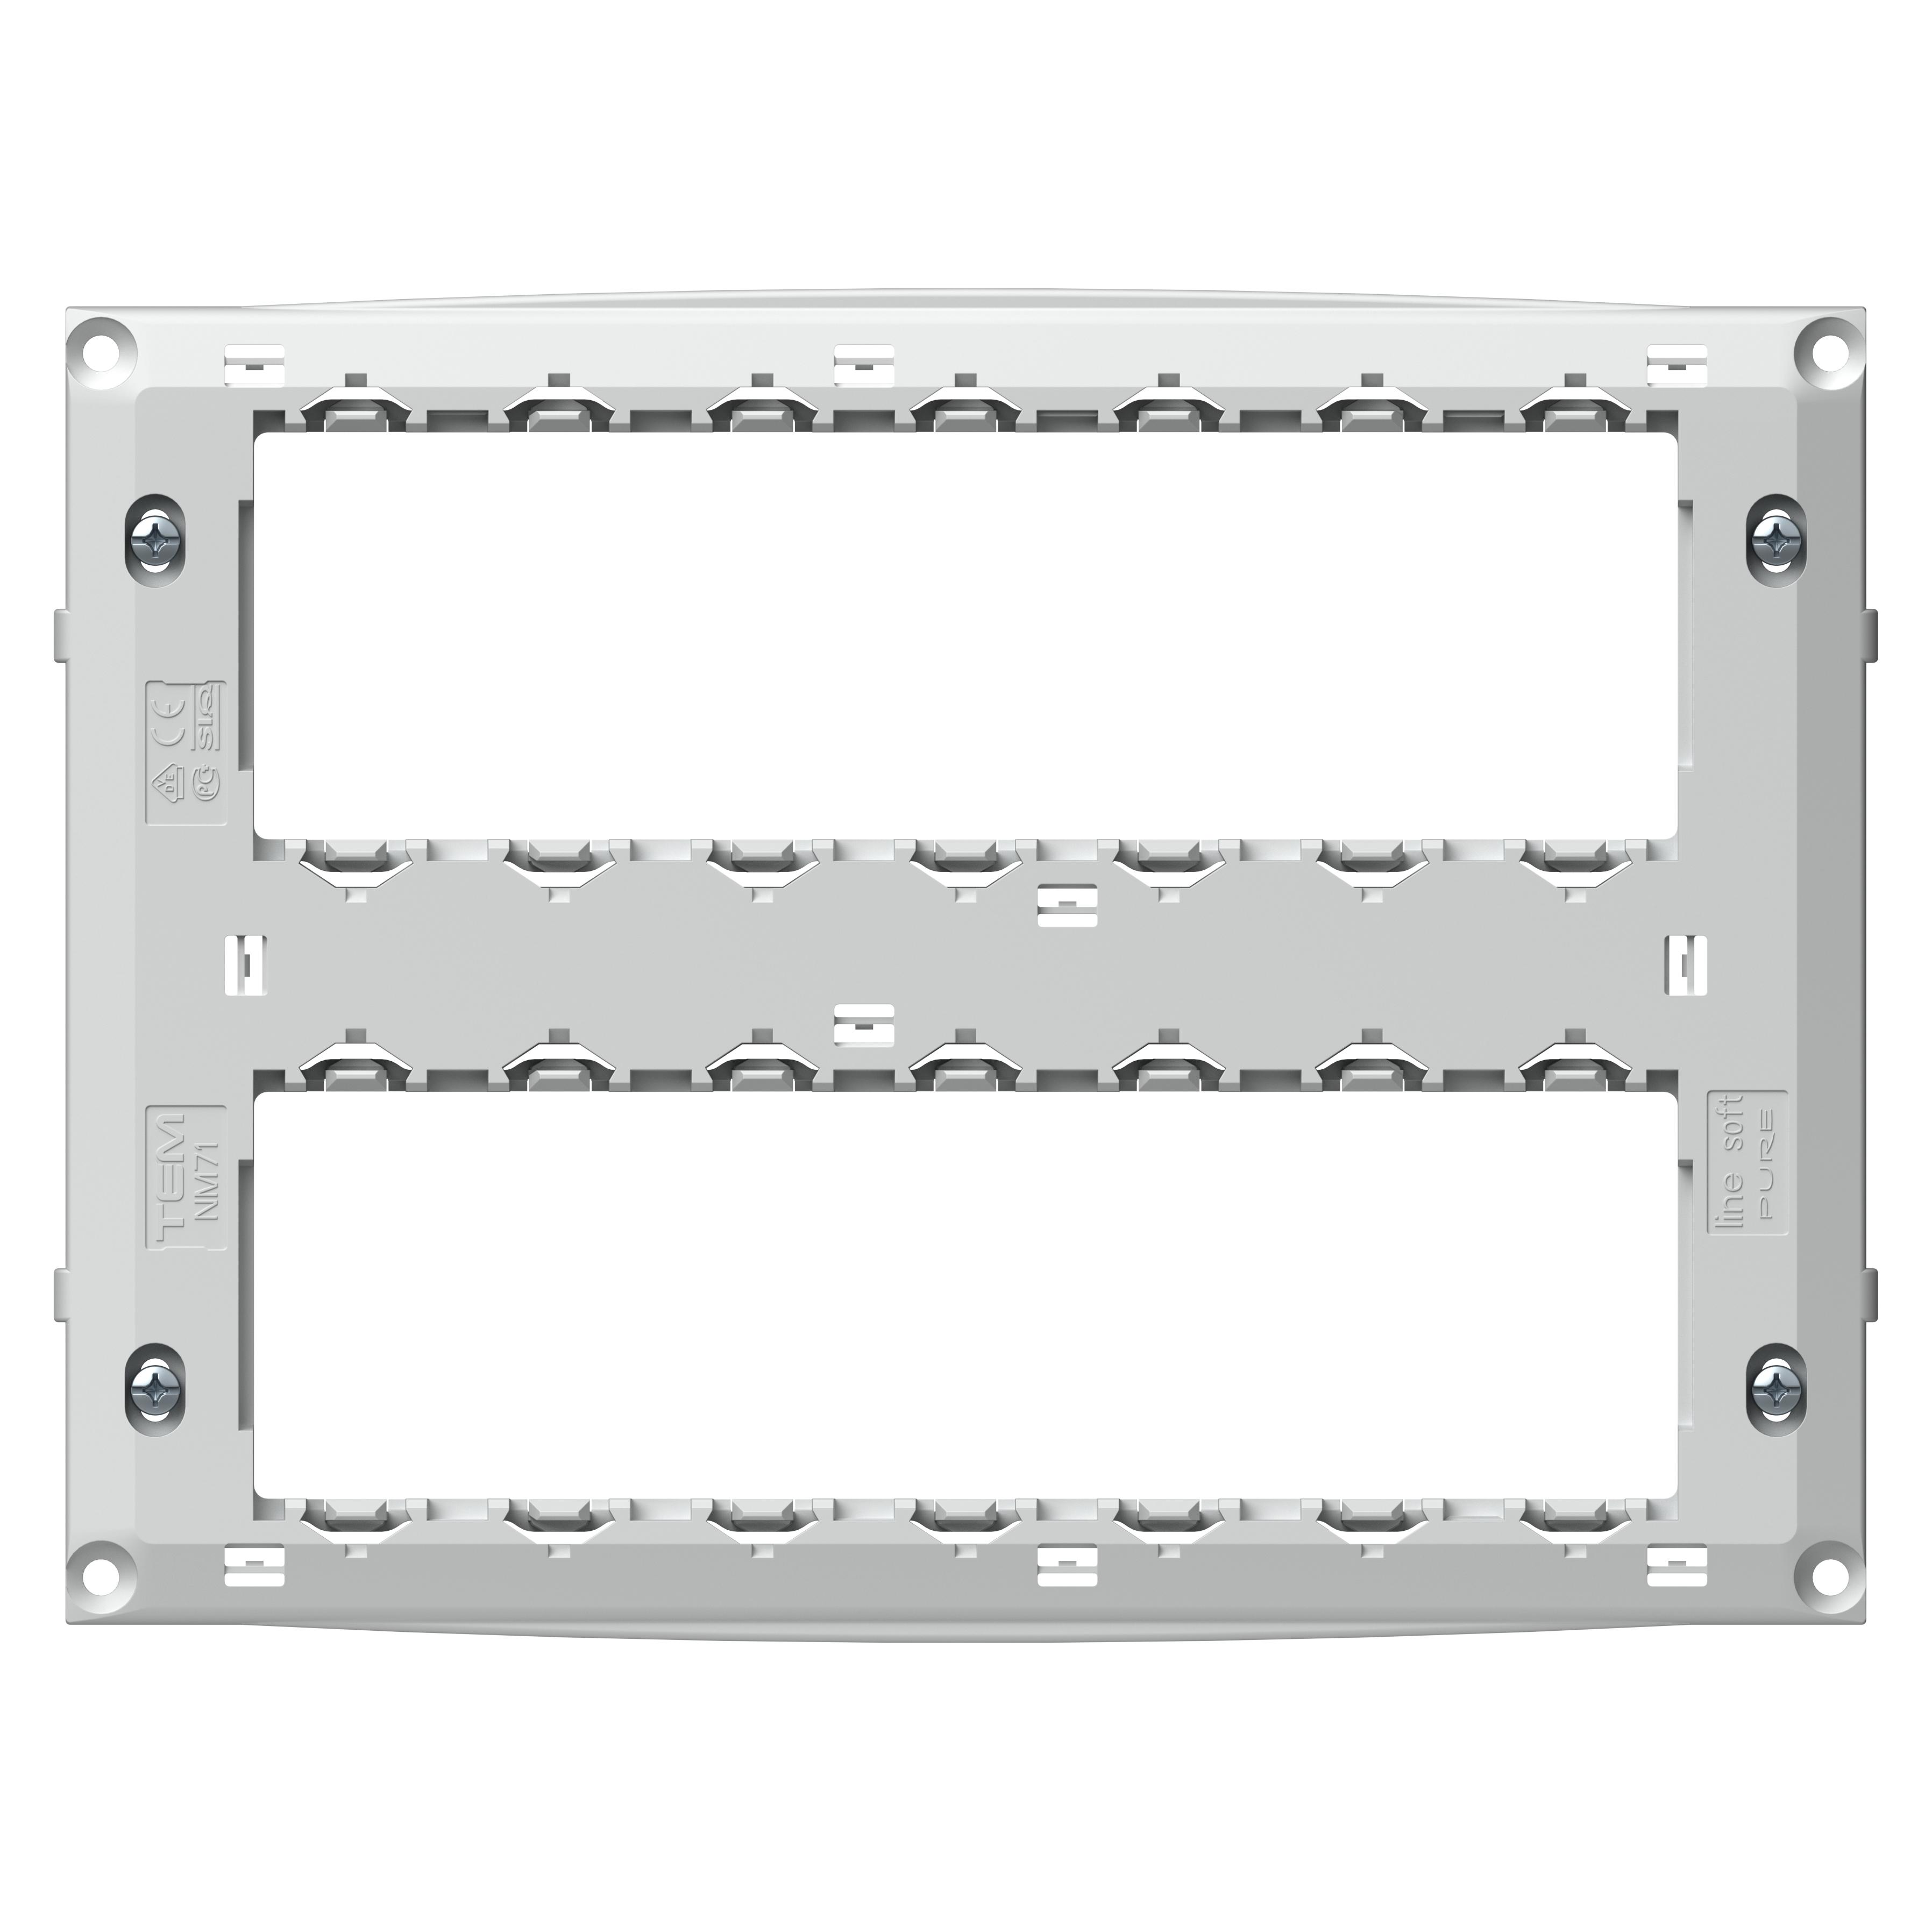 1 Stk Montagerahmen ohne Krallen, 2x7M ET1050091-